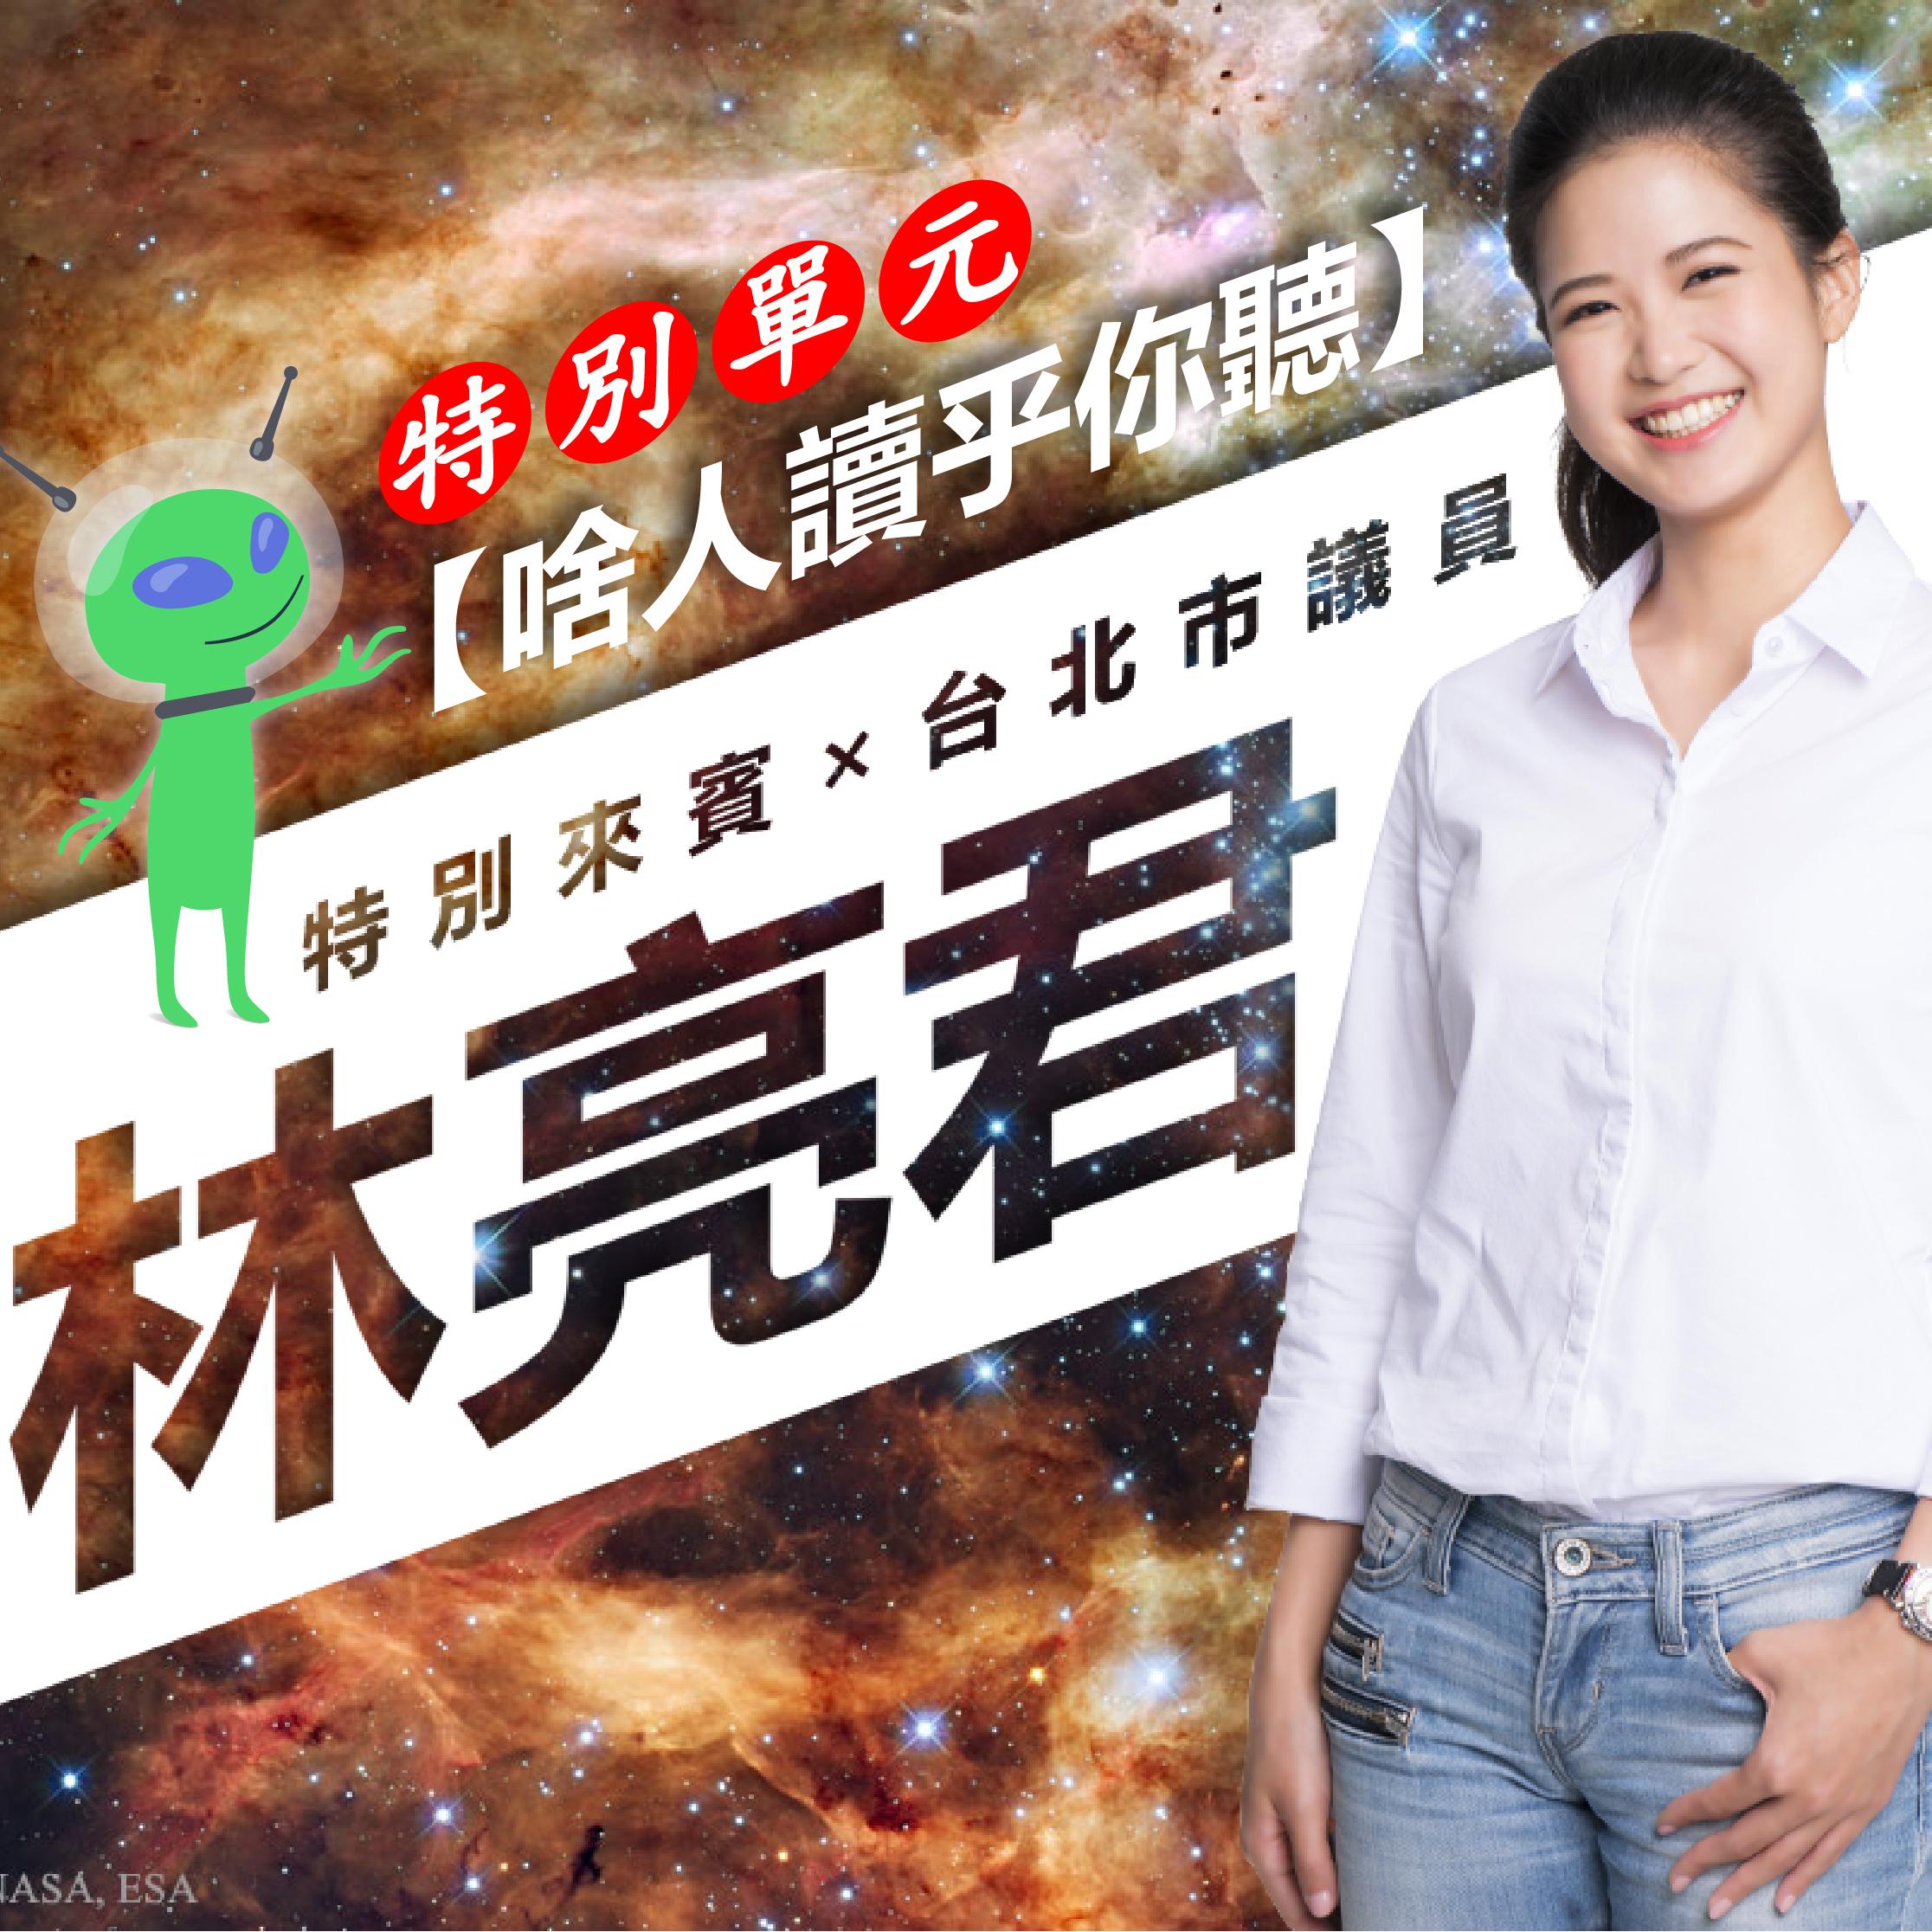 R136 星團大出 ft. 林亮君 (20210110)